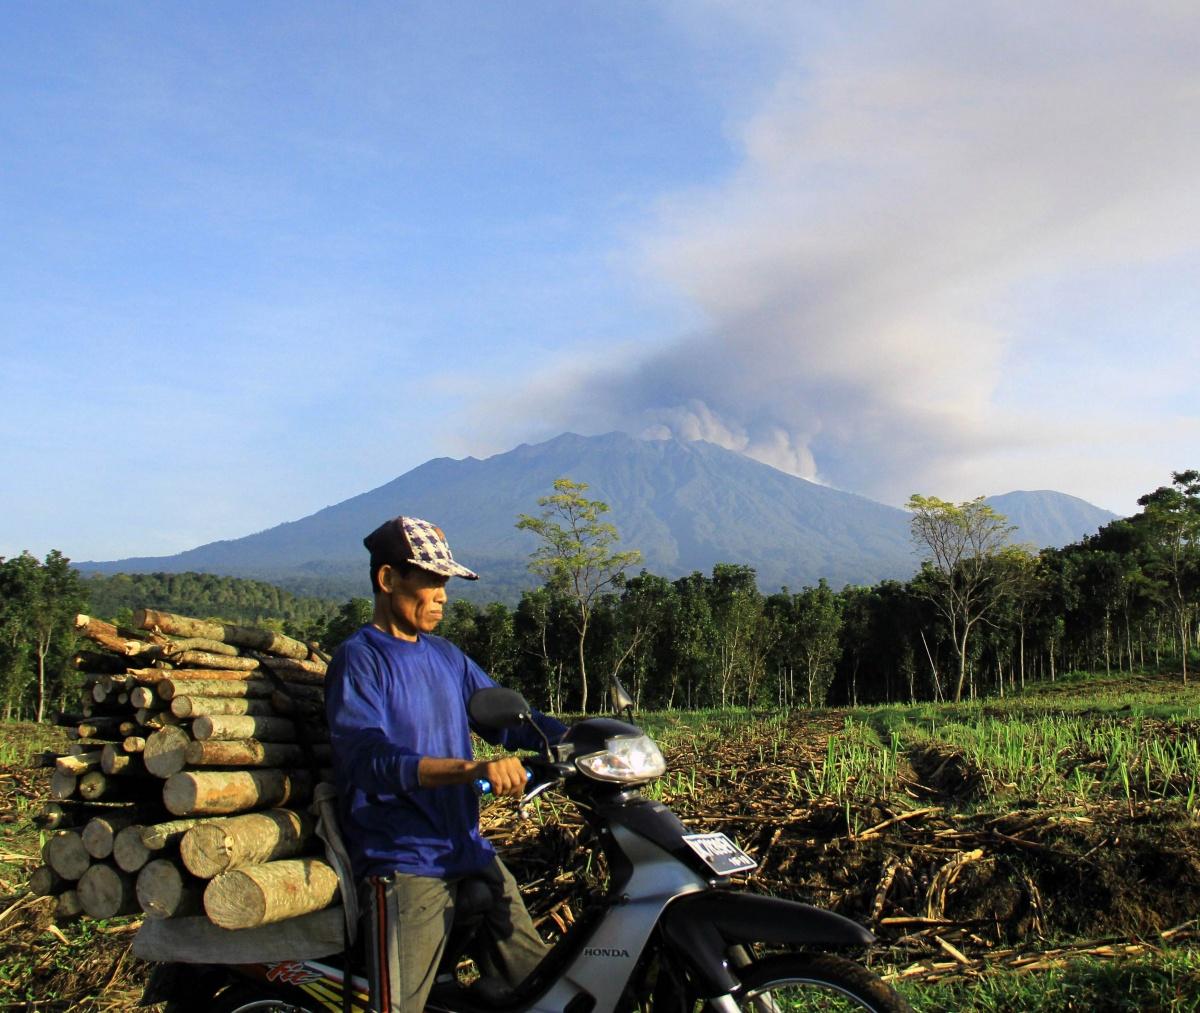 Mt Ruang erupting